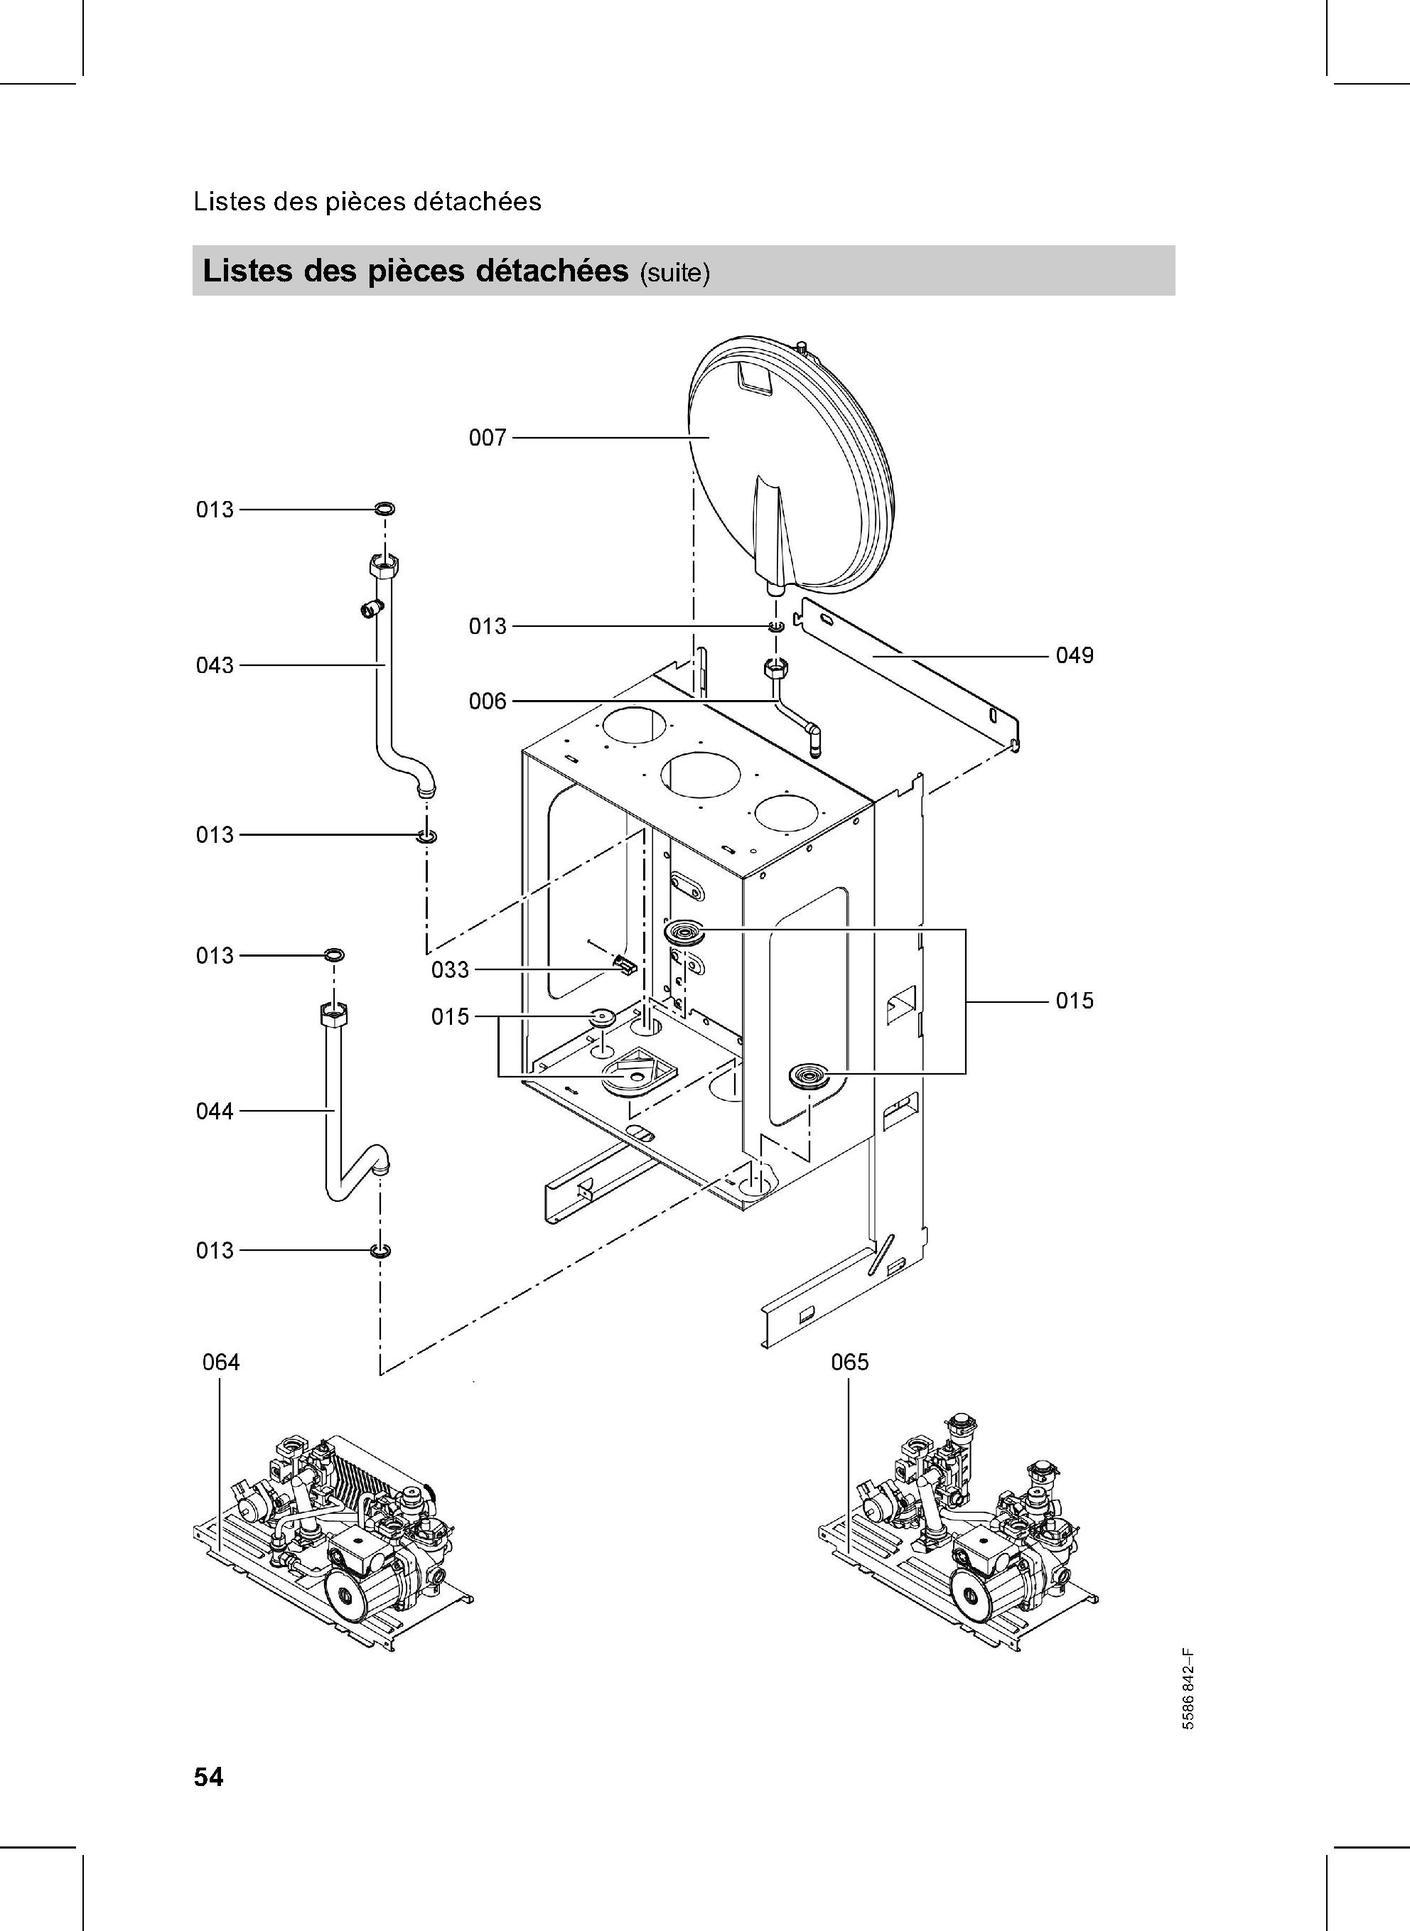 recherche directe dans la vue clat e de l 39 article viessmann cartouche avec moteur pas a pas. Black Bedroom Furniture Sets. Home Design Ideas